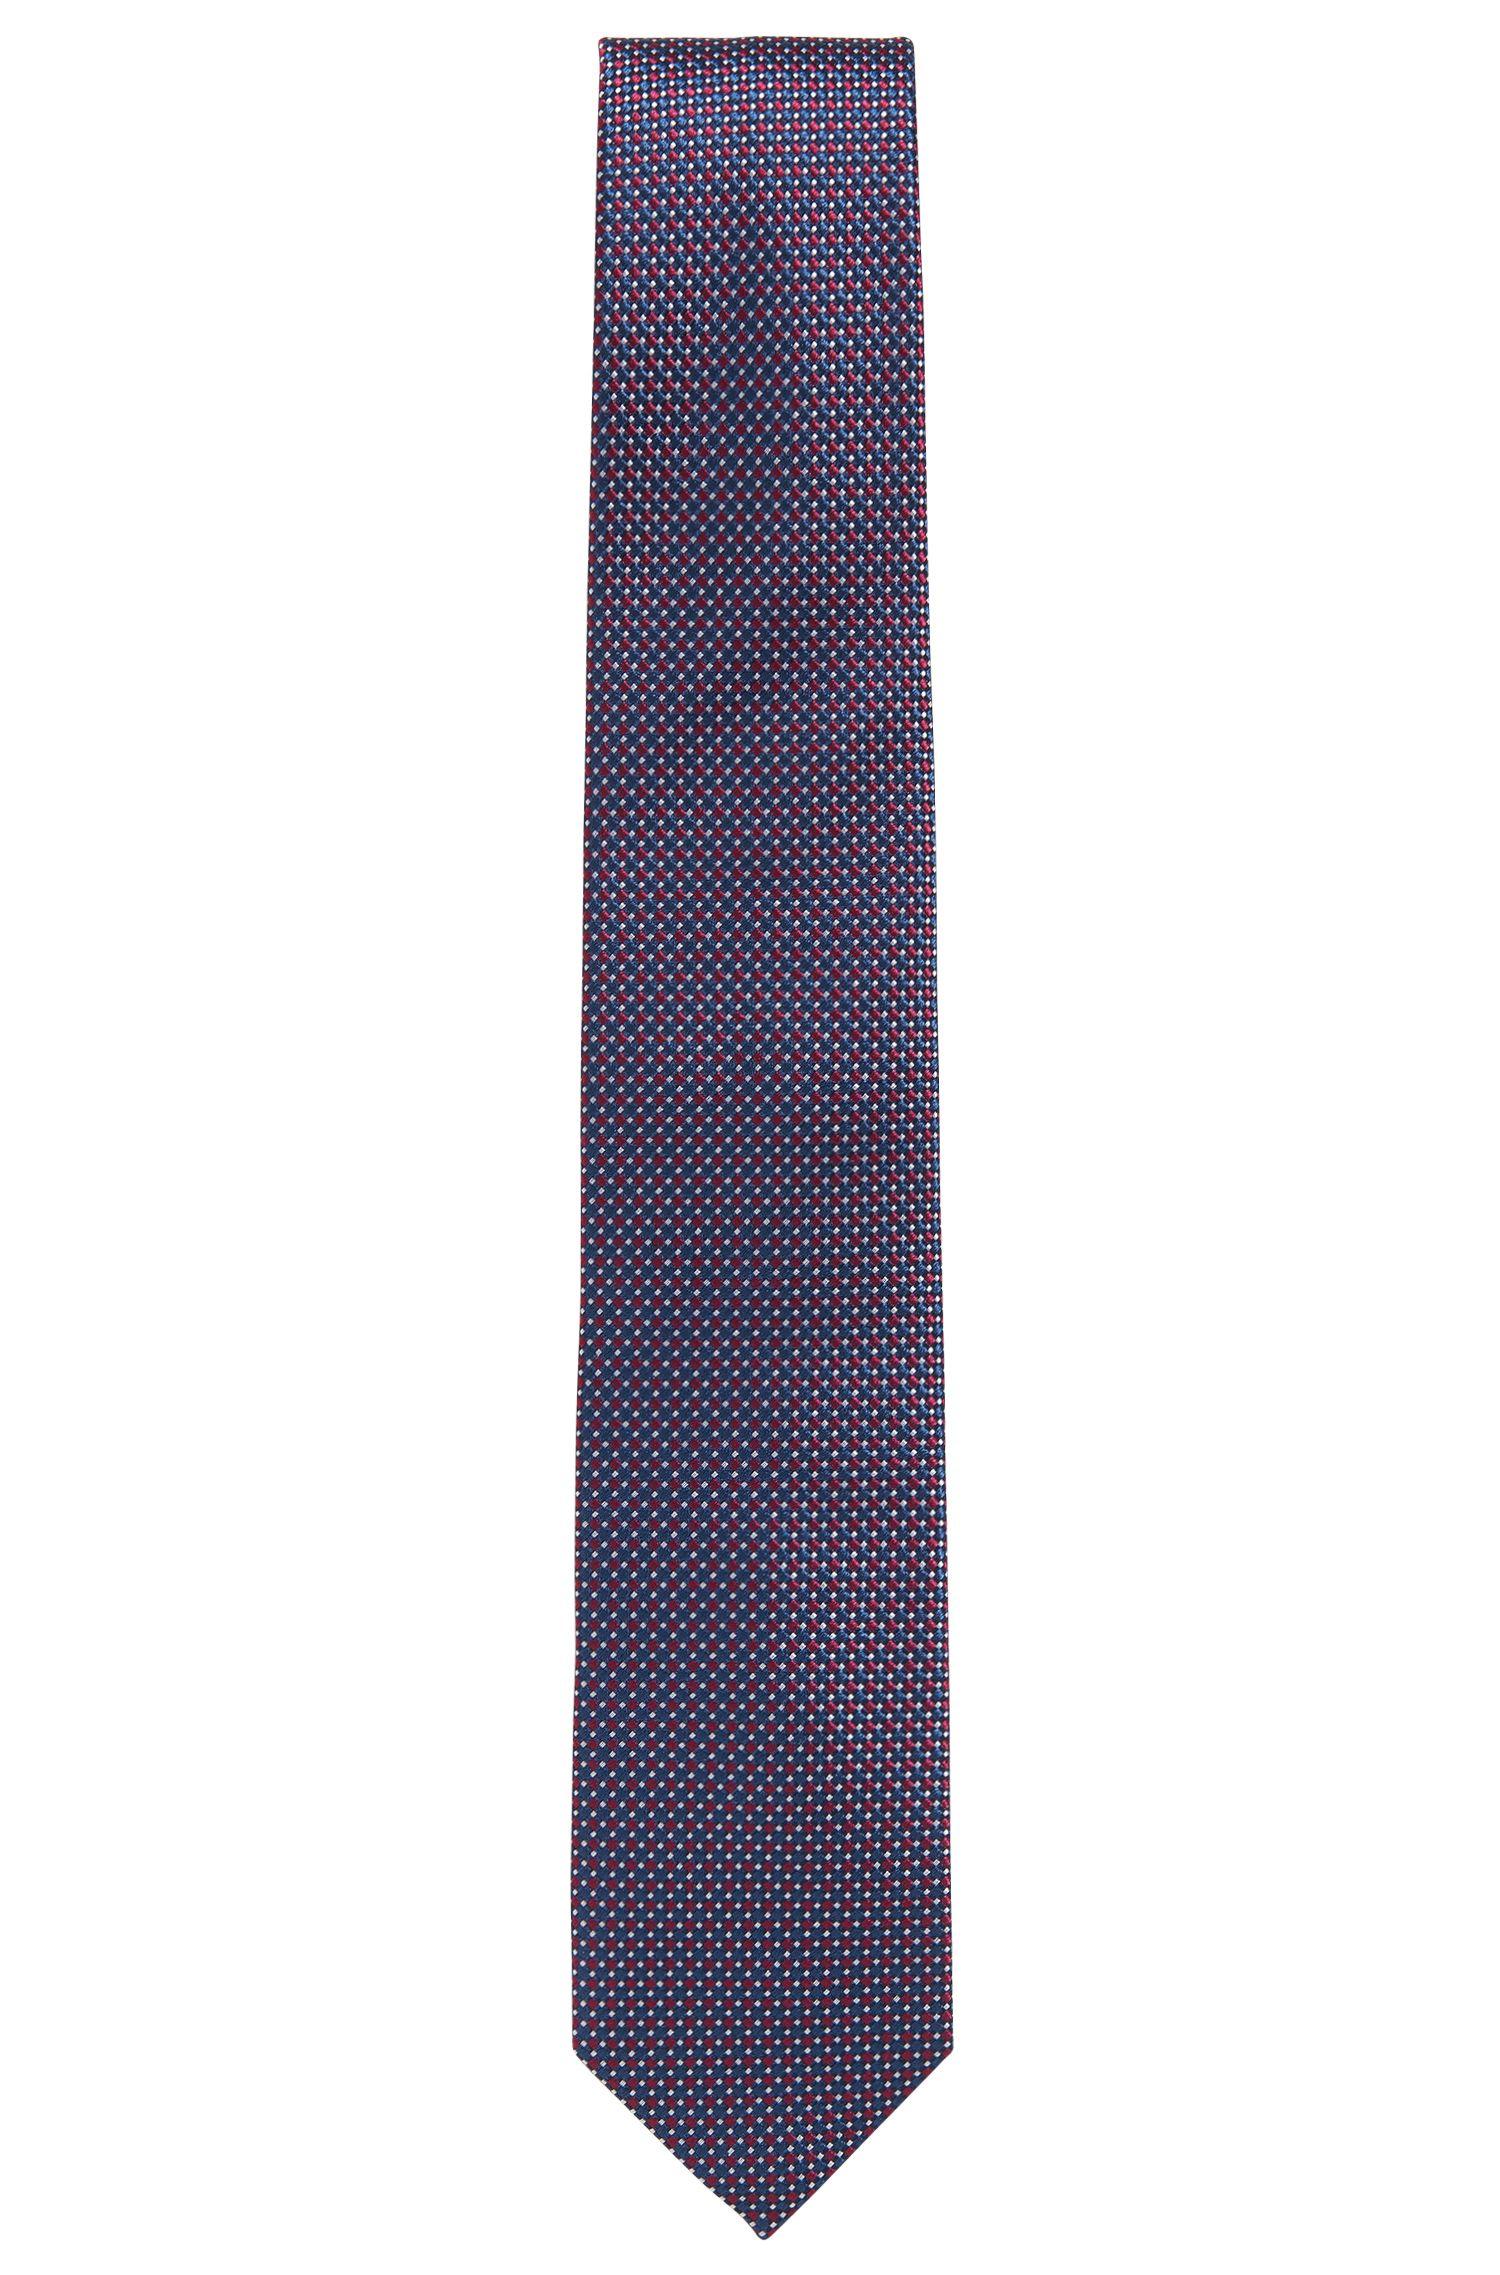 Cravate en soie somptueuse à micro-motif